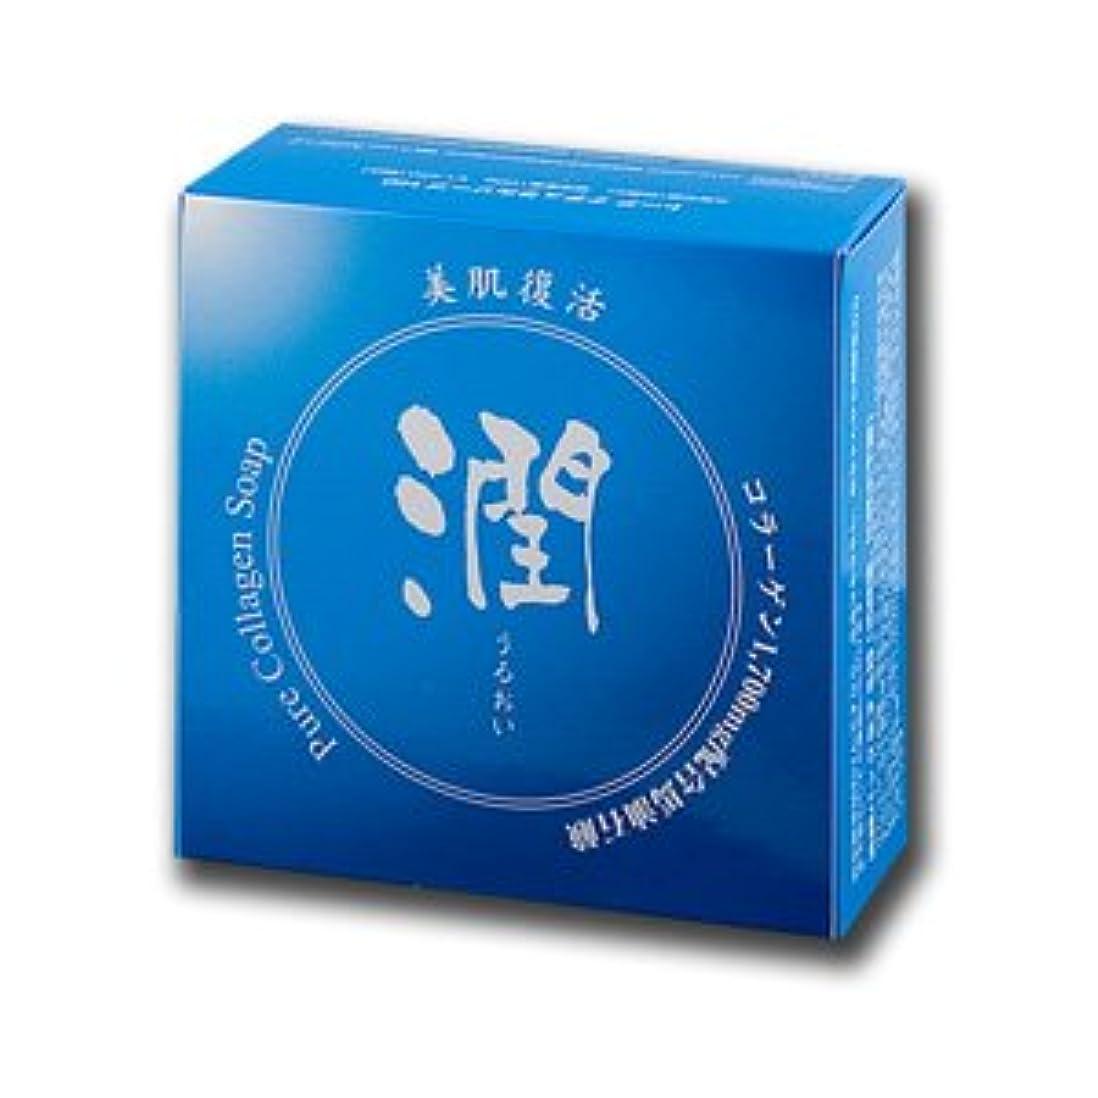 横向き微弱もちろんコラーゲン馬油石鹸 潤 100g (#800410) ×5個セット